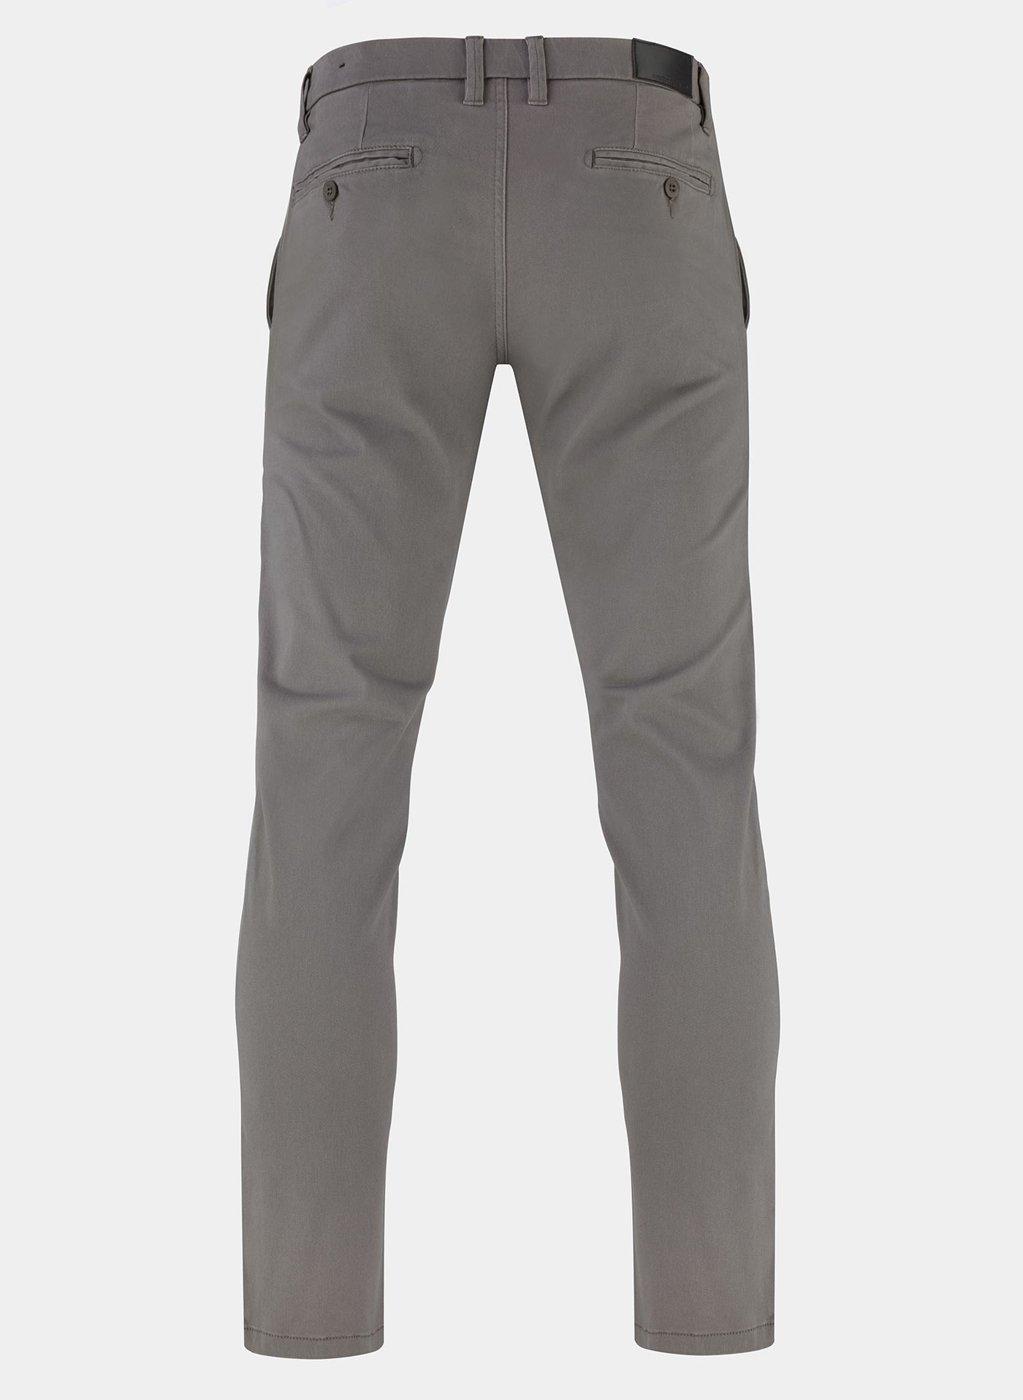 Spodnie męskie SILVIO PLM-WX-202-S